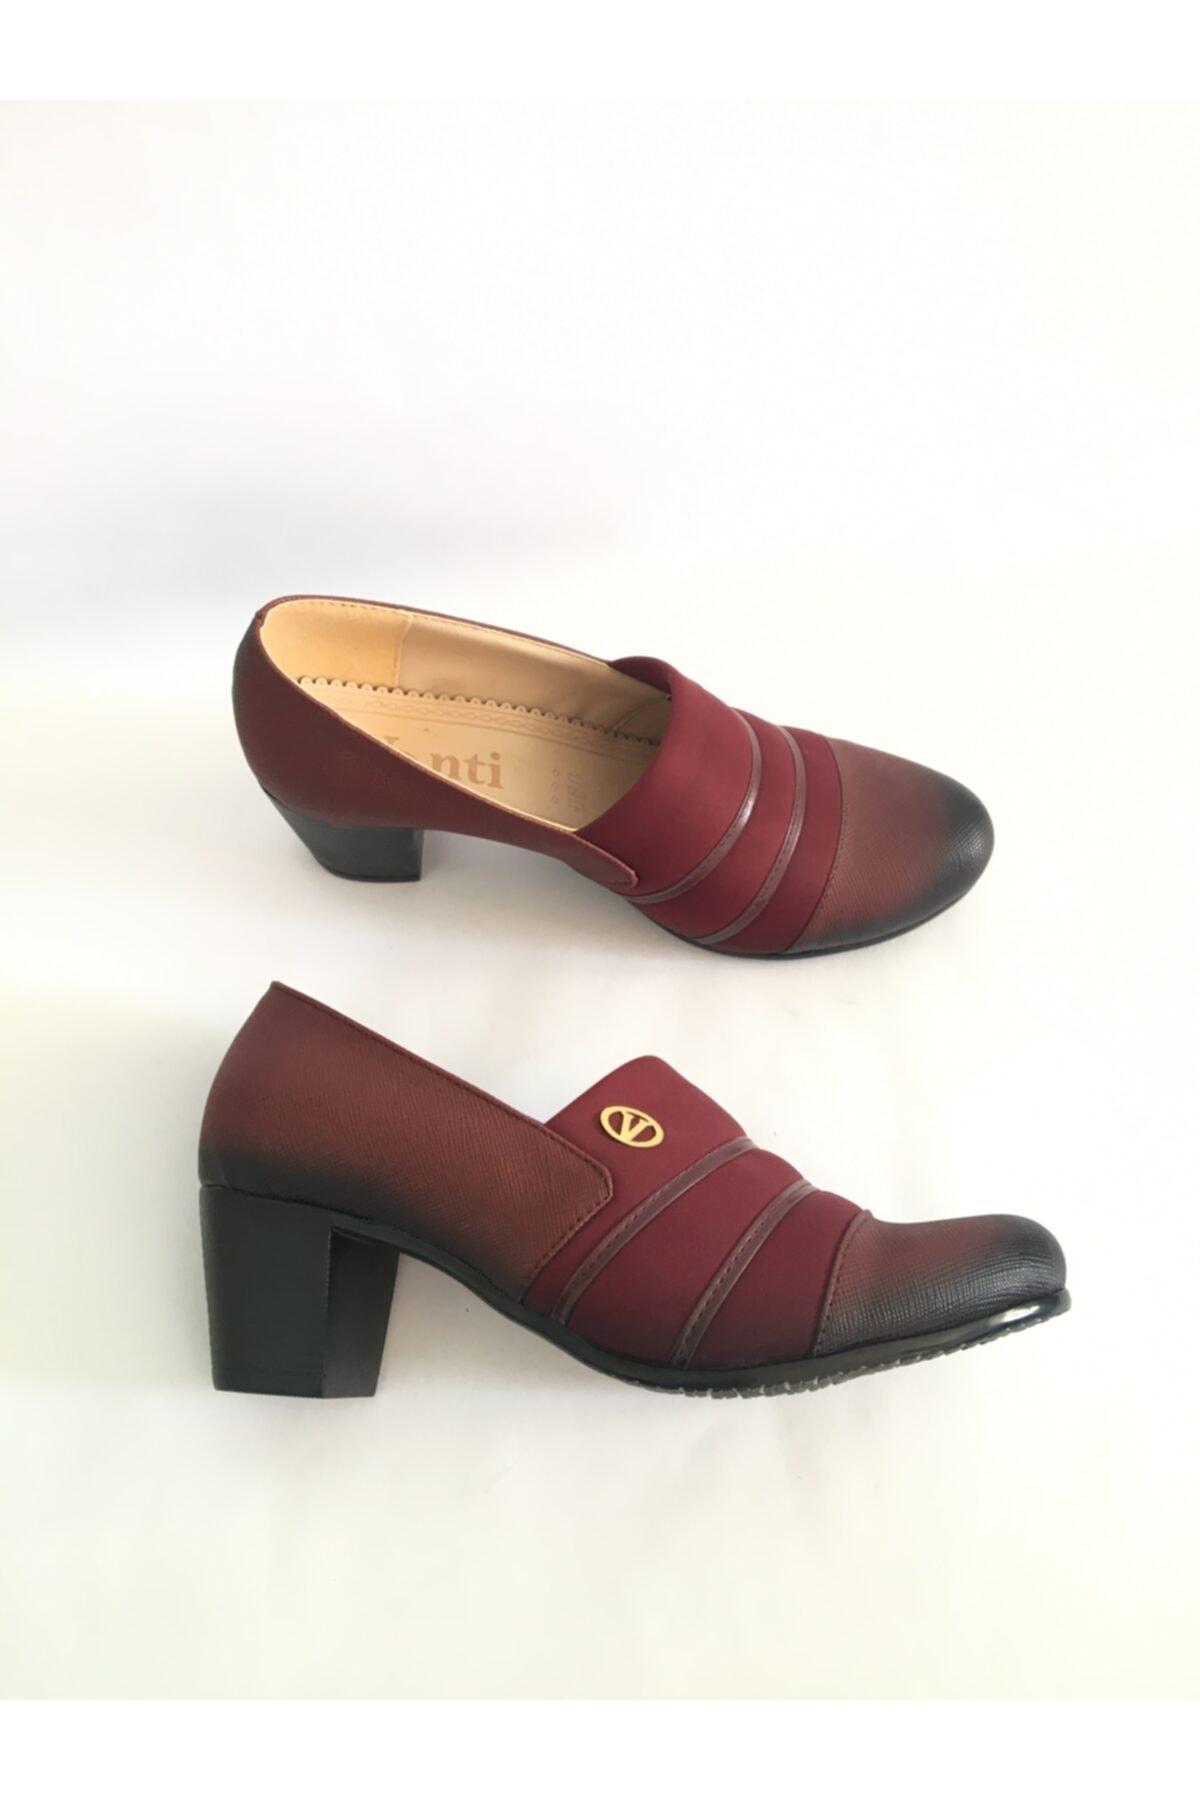 EREN Kadın Topuklu Bayan Ayakkabı 2